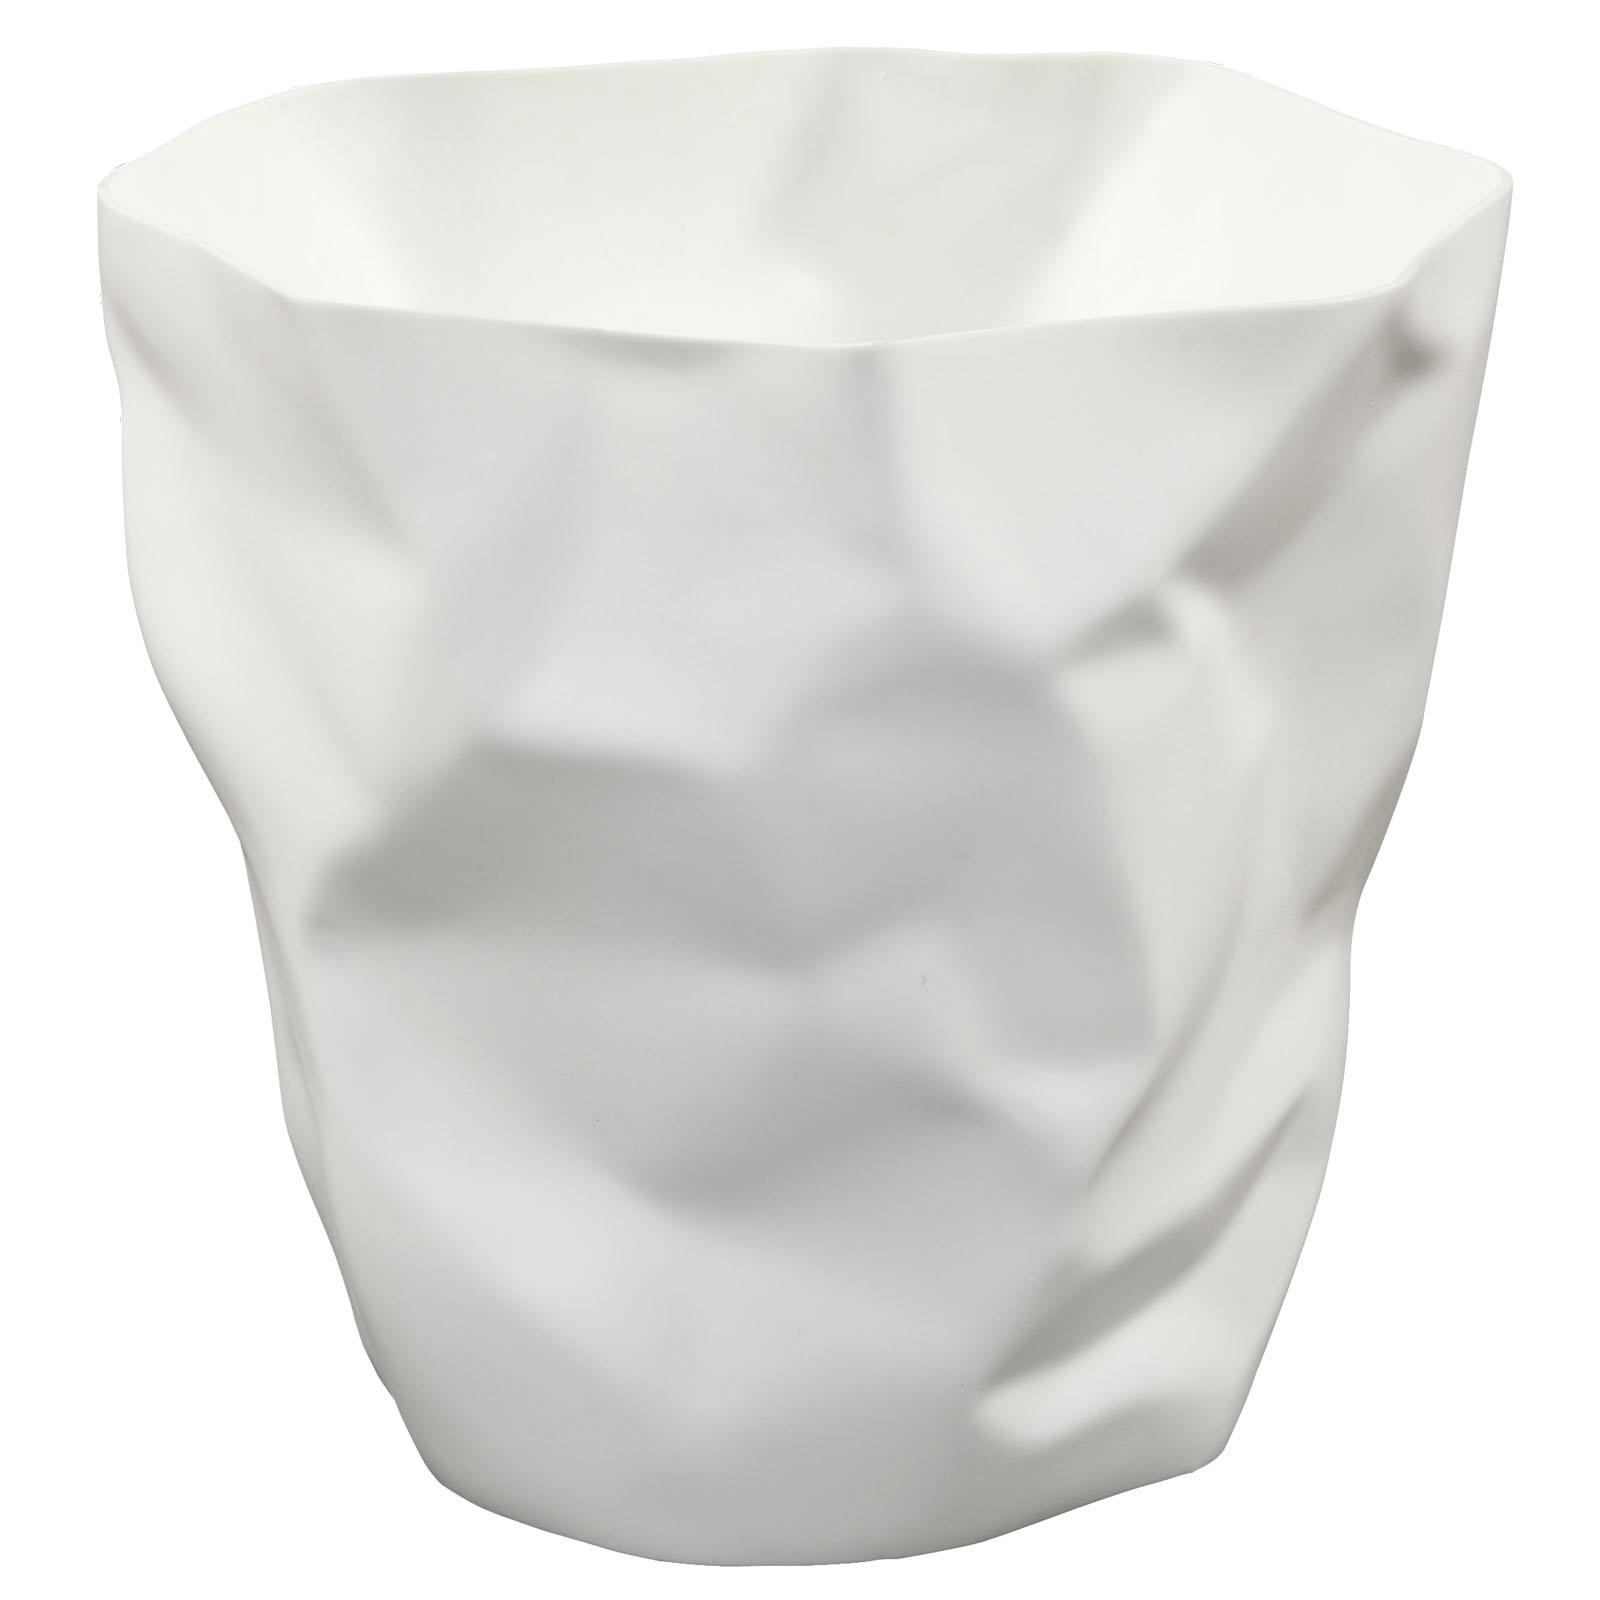 Lava Trash Bin White EEI-1022-WHI